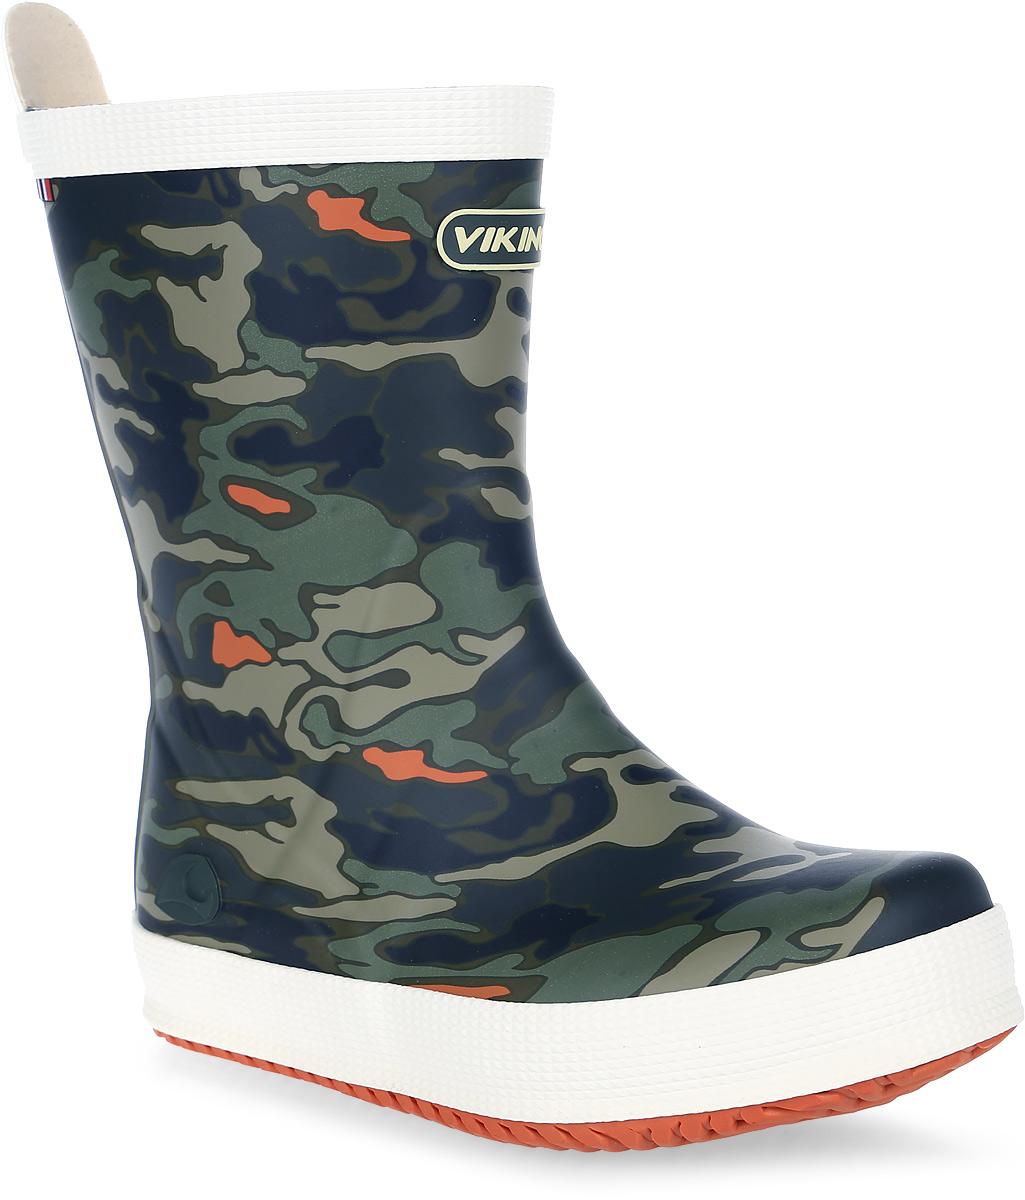 Сапоги резиновые для мальчика Viking Seilas Jr. Camo, цвет: темно-зеленый, серый. 1-27110-00450. Размер 301-27110-00450Модные резиновые сапоги от Viking - идеальная обувь в дождливую погоду для вашего мальчика. Модель оформлена камуфляжным принтом и эмблемой с названием бренда. Внутренняя поверхность и стелька, выполненные из синтетического материала со скрученными волокнами, способствующими поддержанию тепла, комфортны при ходьбе. Ярлычок на заднике облегчает обувание модели. Светоотражающая полоска на голенище увеличивает безопасность вашего ребенка в темное время суток. Подошва с протектором гарантирует отличное сцепление с любой поверхностью. Резиновые сапоги - необходимая вещь в гардеробе каждого мальчика.